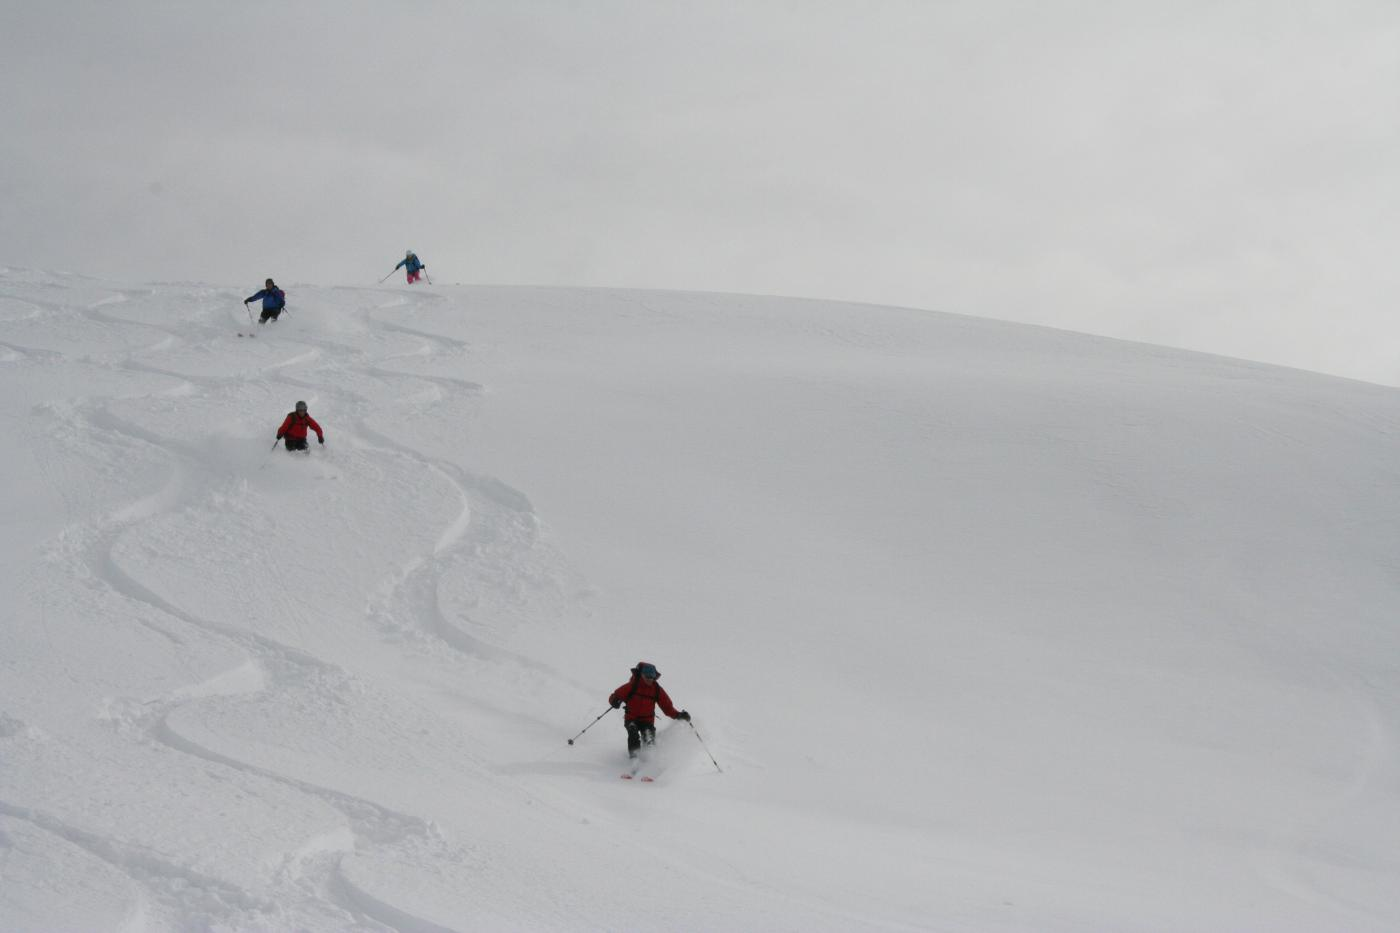 gli svizzeri in discesa